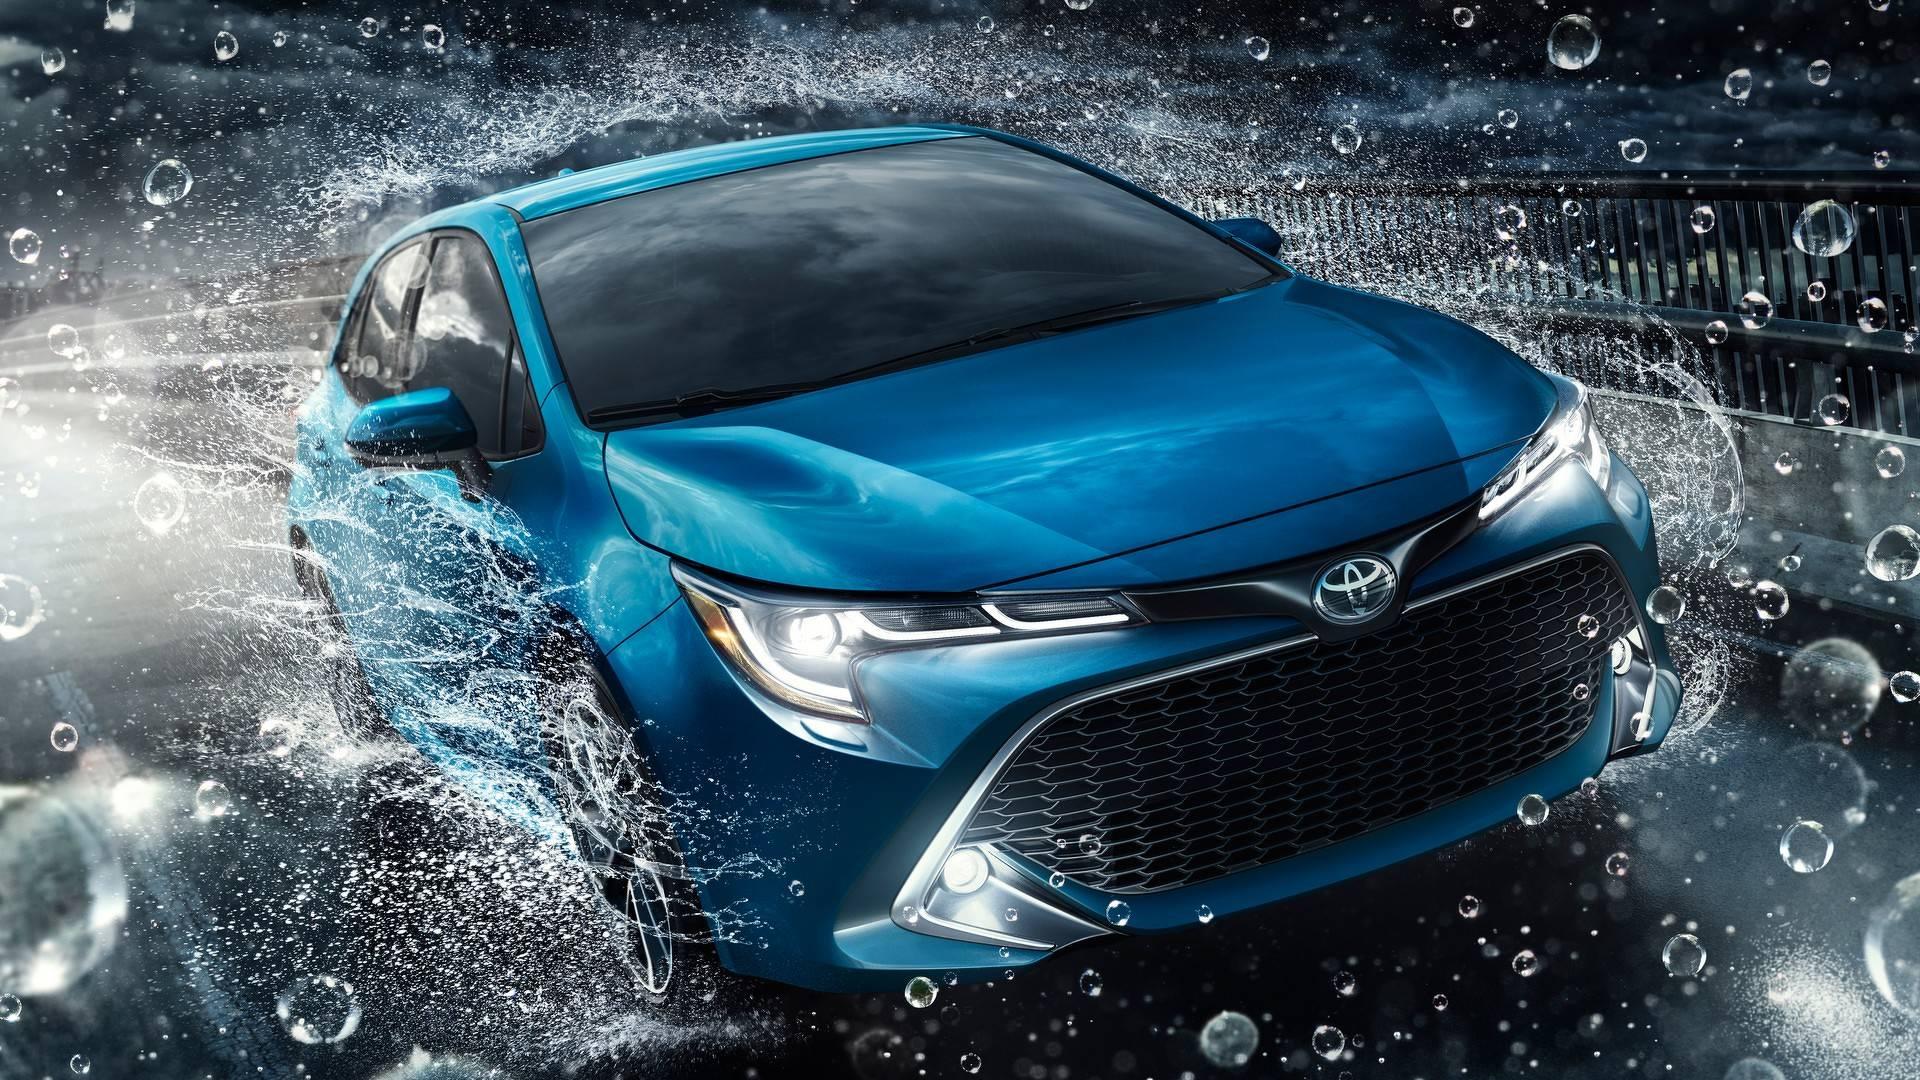 2019_Toyota_Corolla_Hatchback_0000